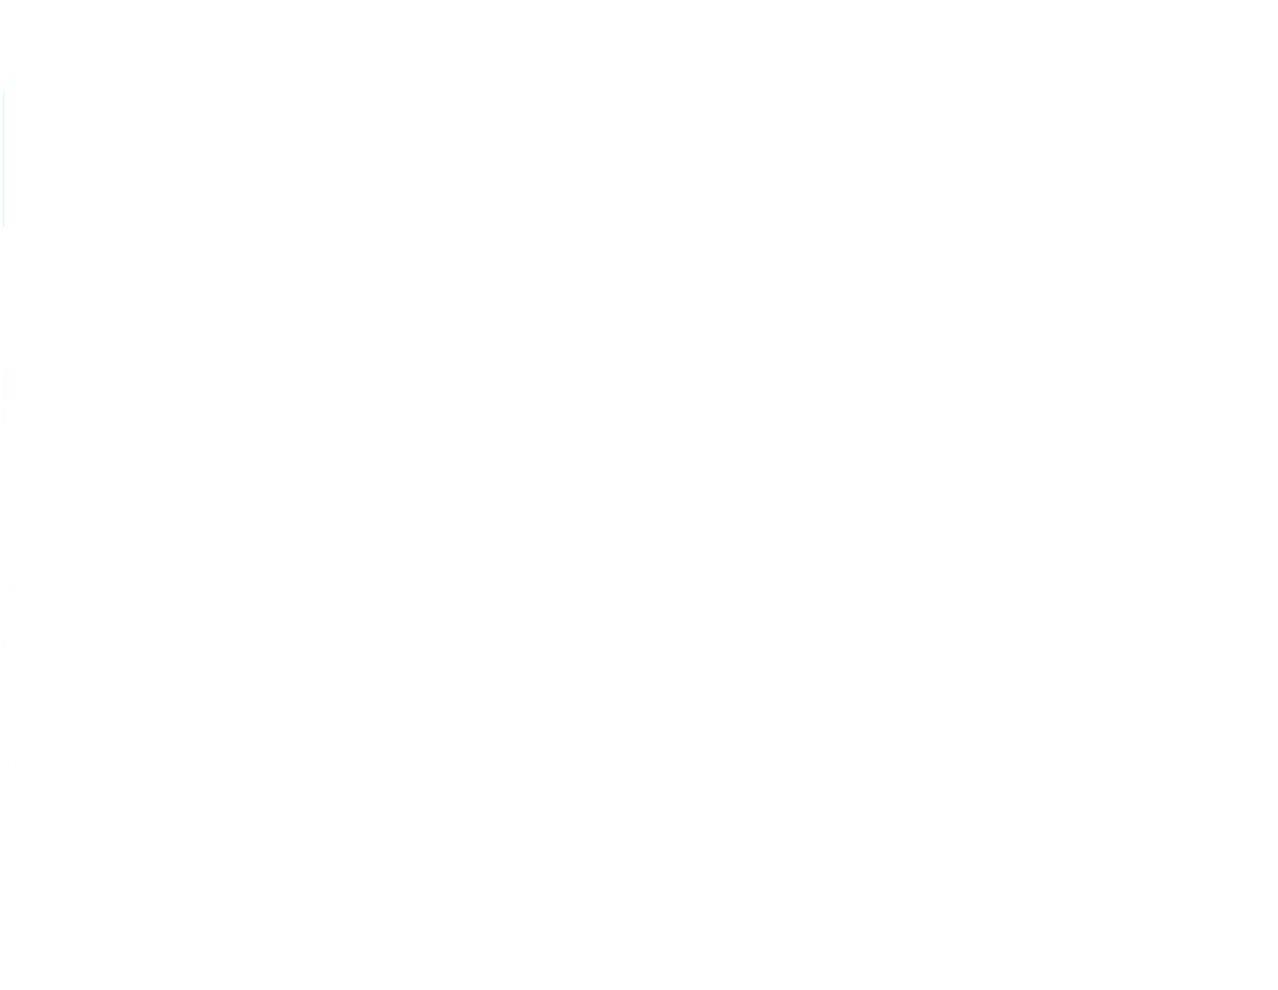 2014-09-19-črna-luknja-popravek-prispevka-razkrinkan-sintal-na-sodišču-18.9.2014-31791